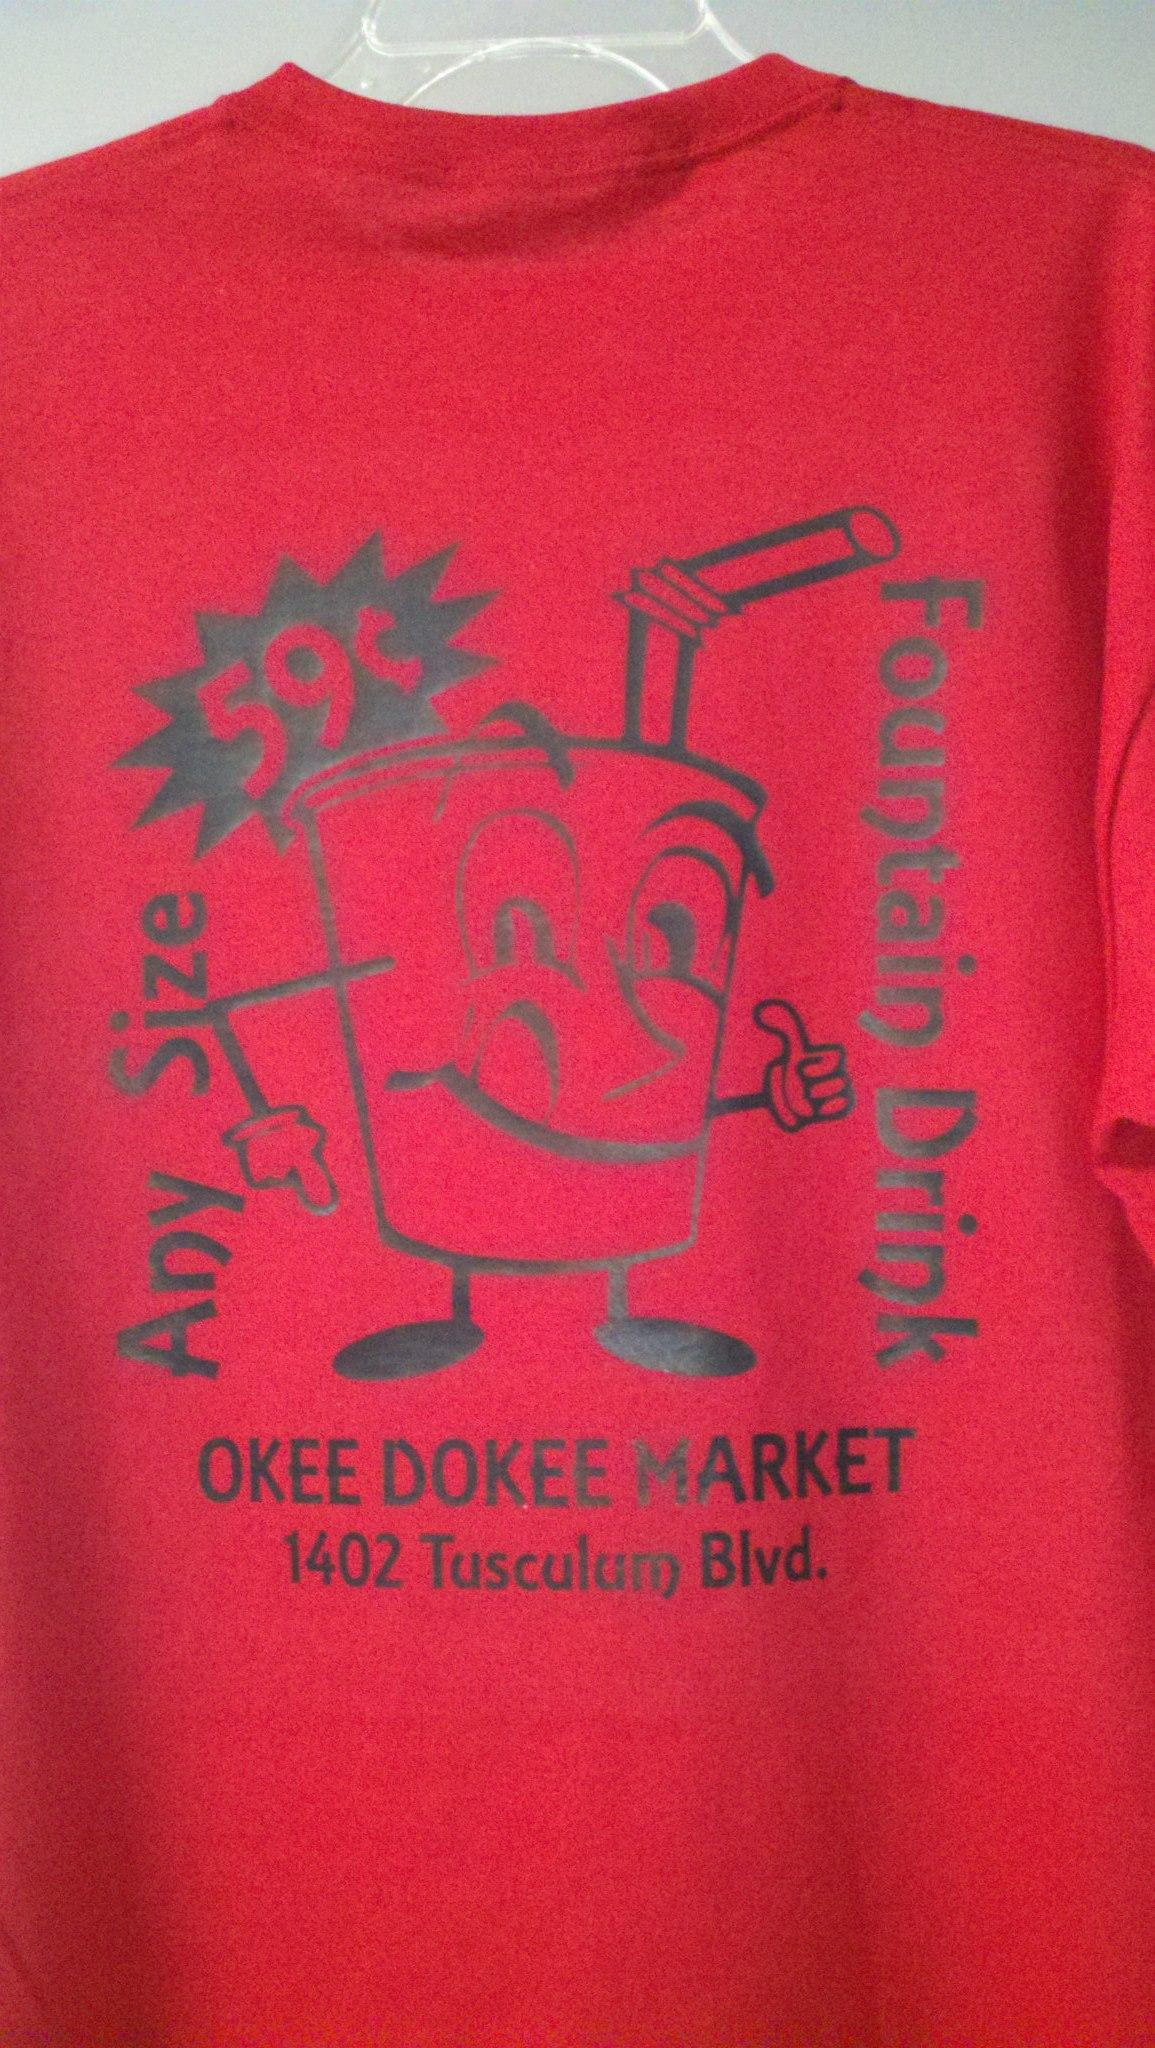 Okee Dokee Market